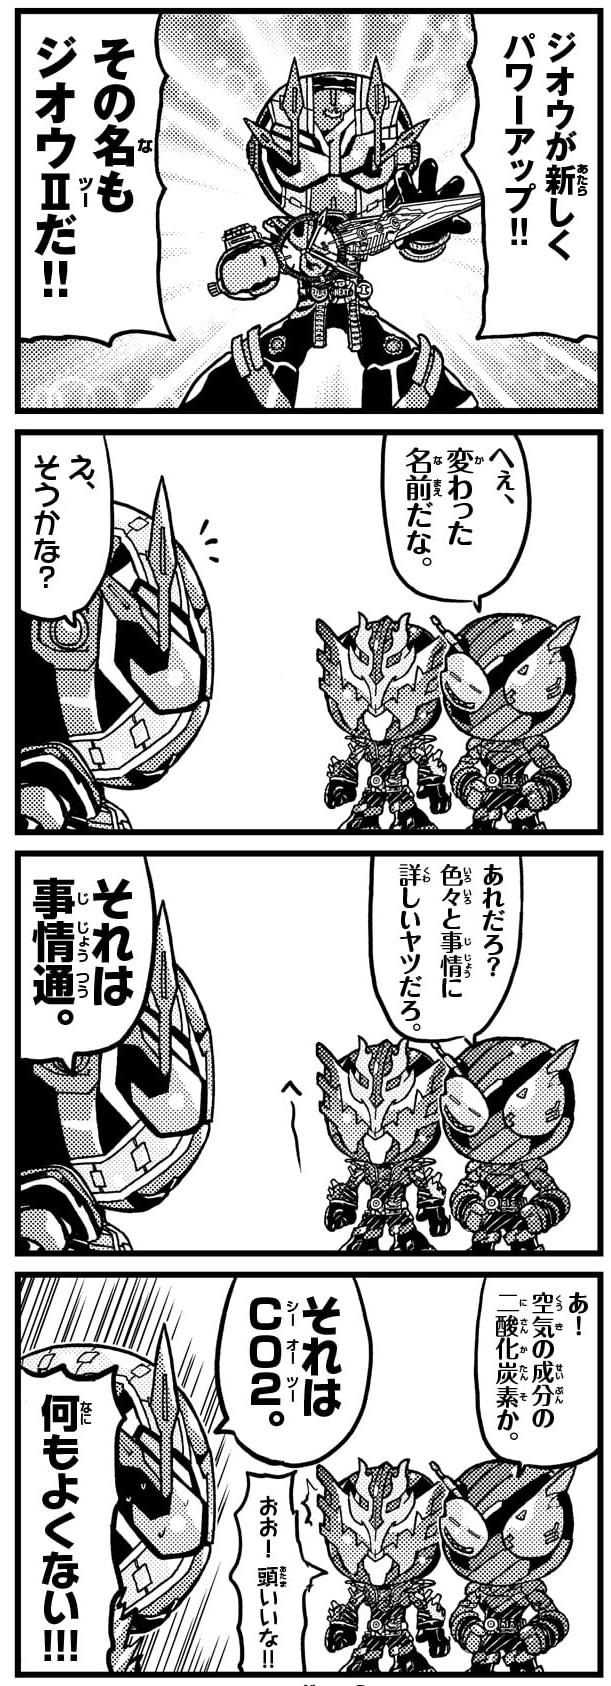 平成&昭和の仮面ライダー4コマ漫画『ガンバライジング!!』4:ジオウⅡだ!! 1コマ目